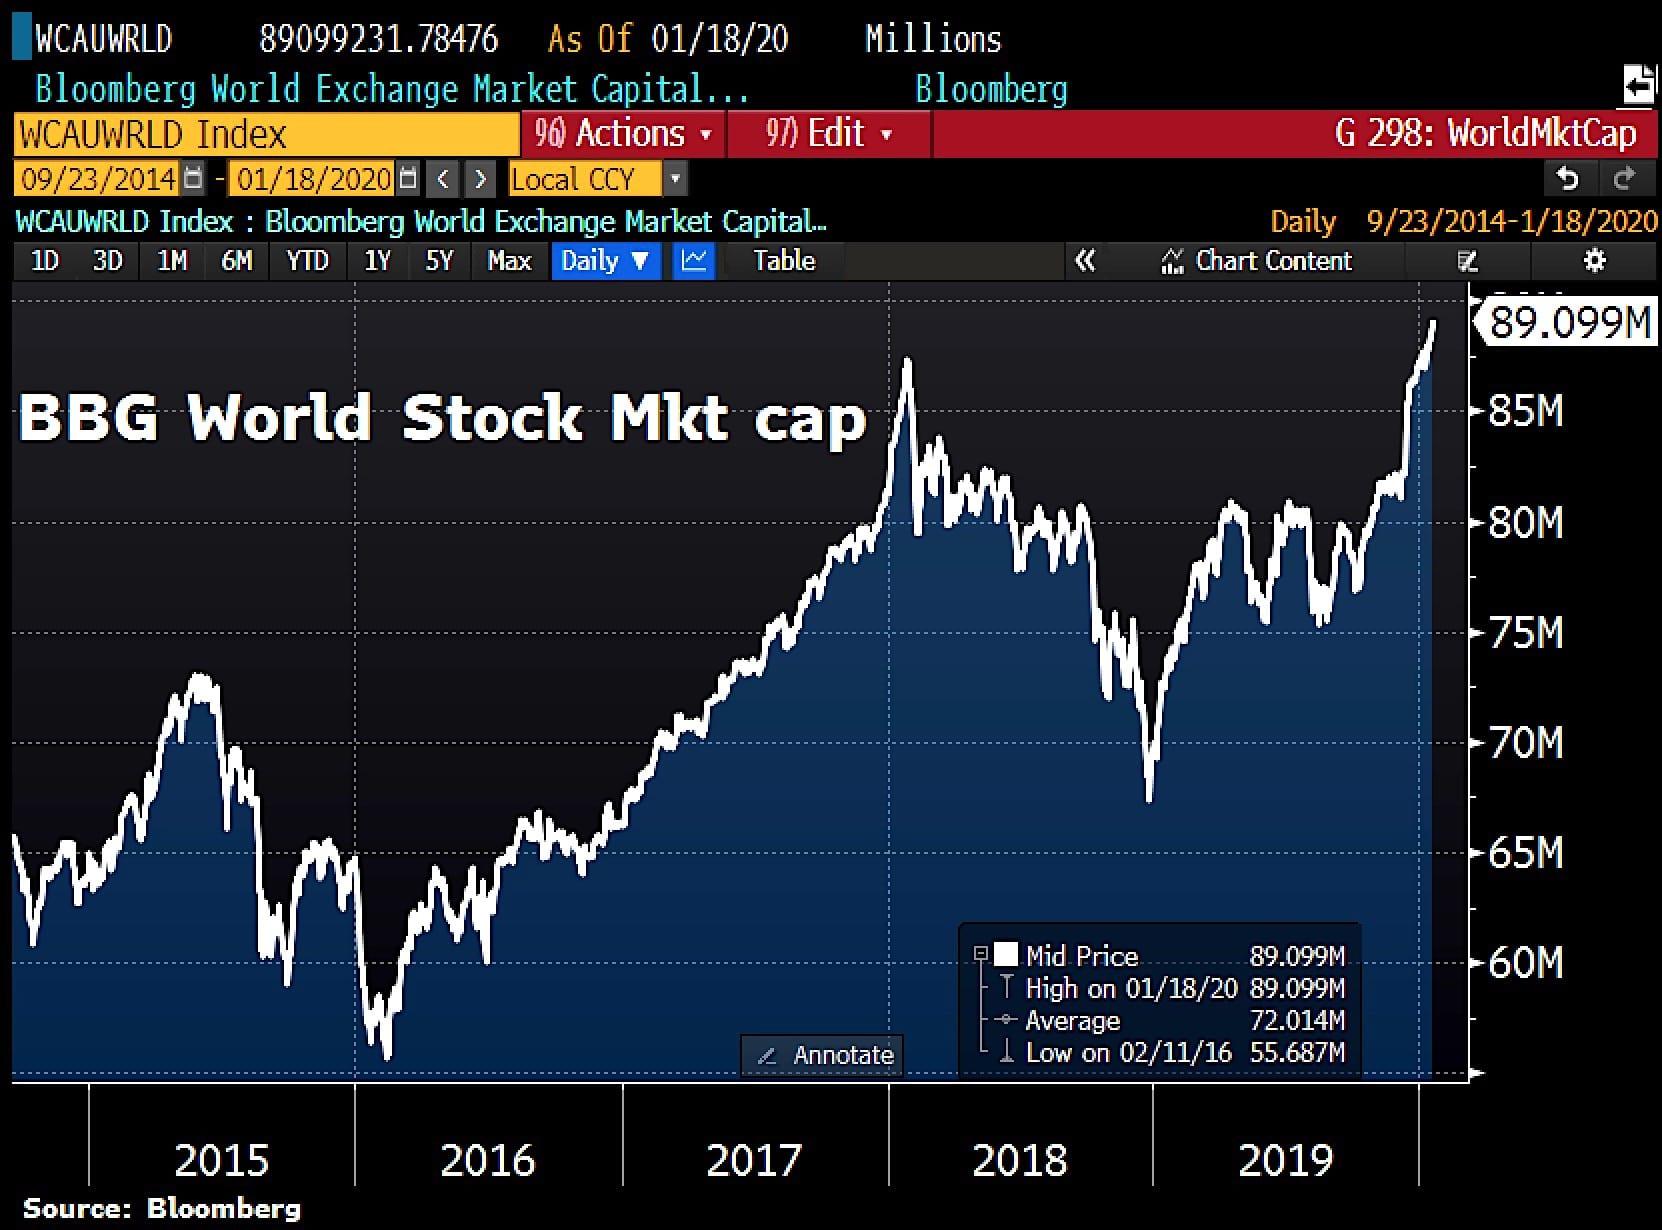 Shootée à l'héroïne monétaire, la capitalisation boursière mondiale vient d'atteindre un nouveau sommet historique à plus de 89 000 milliards $